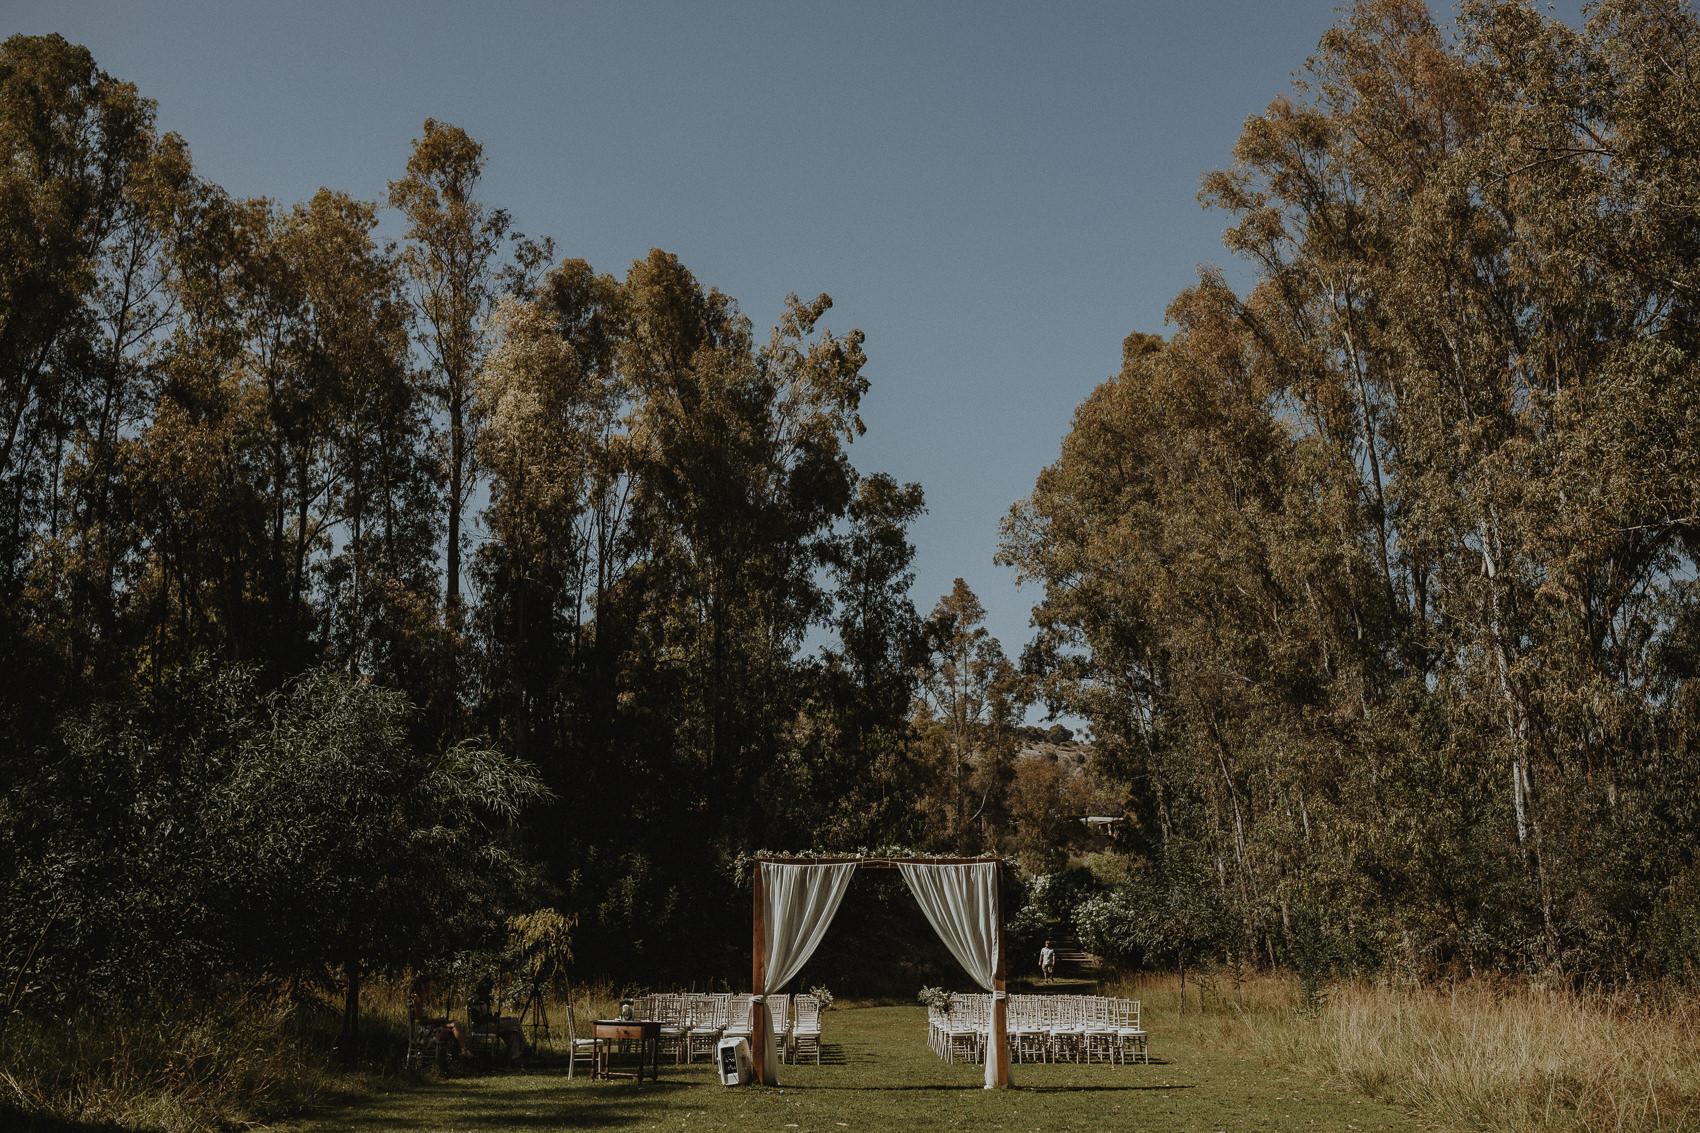 Sarah & Bill | Summer wedding at Cortijo Rosa Blanca | Marbella - Spain 62